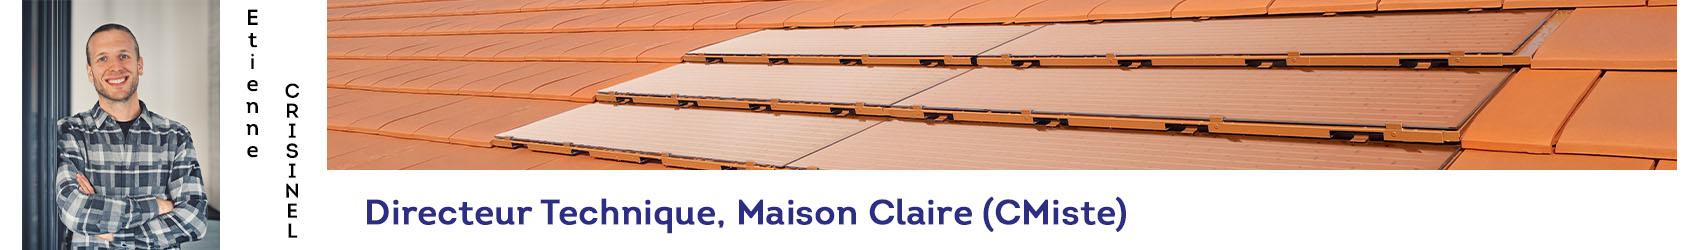 Etienne Crisinel - Maison Claire